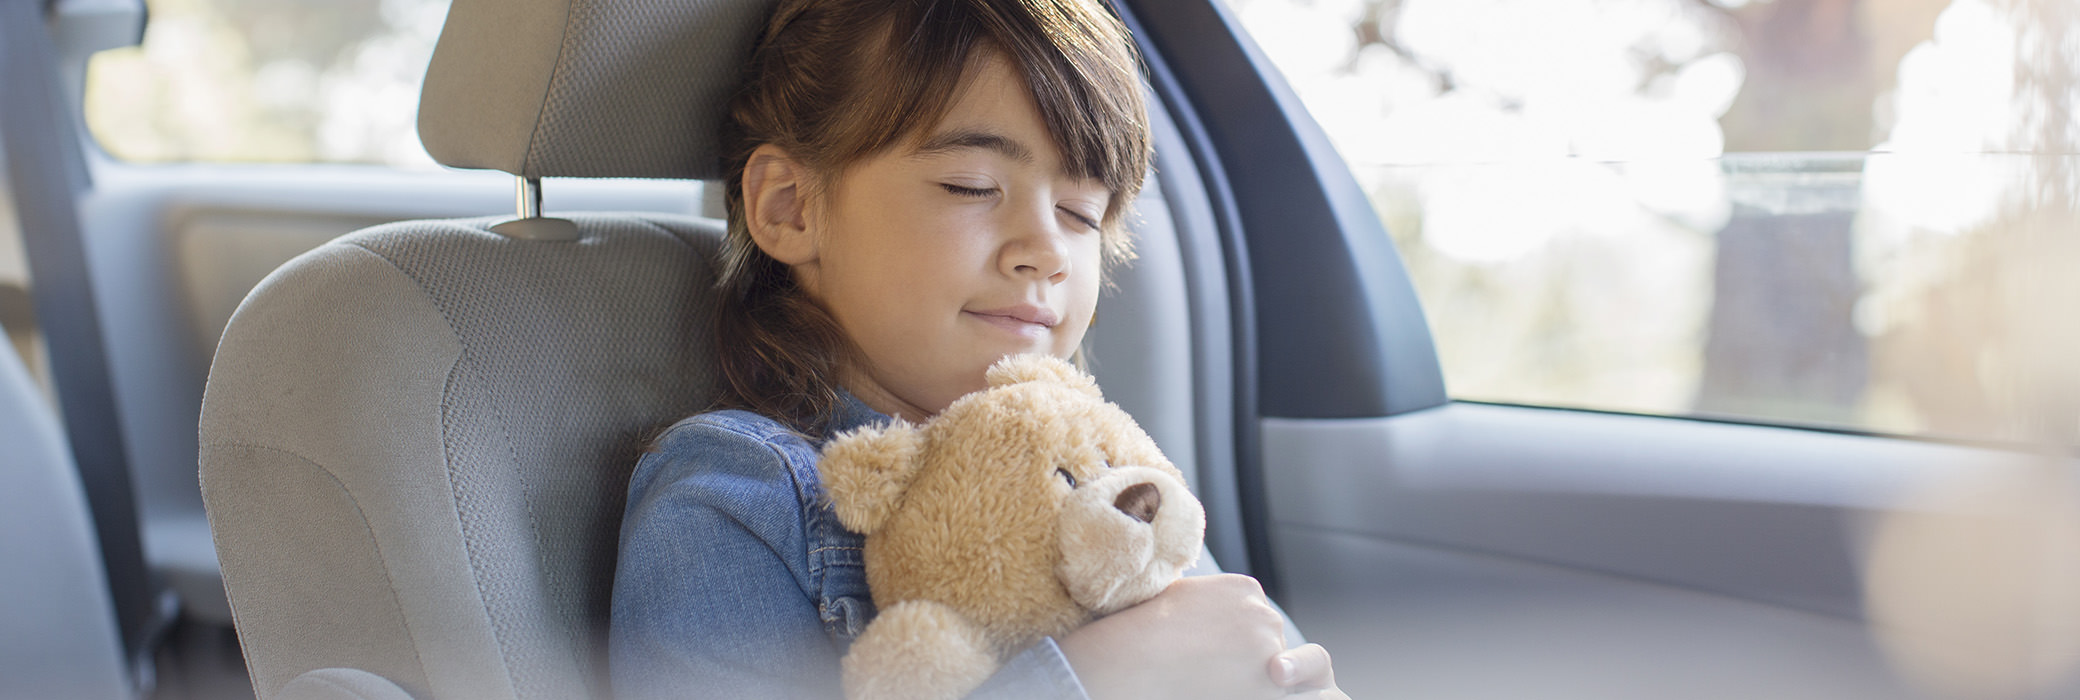 Uma menina a sorrir e sentada num carro, a abraçar um urso de pelúcia com os olhos fechados